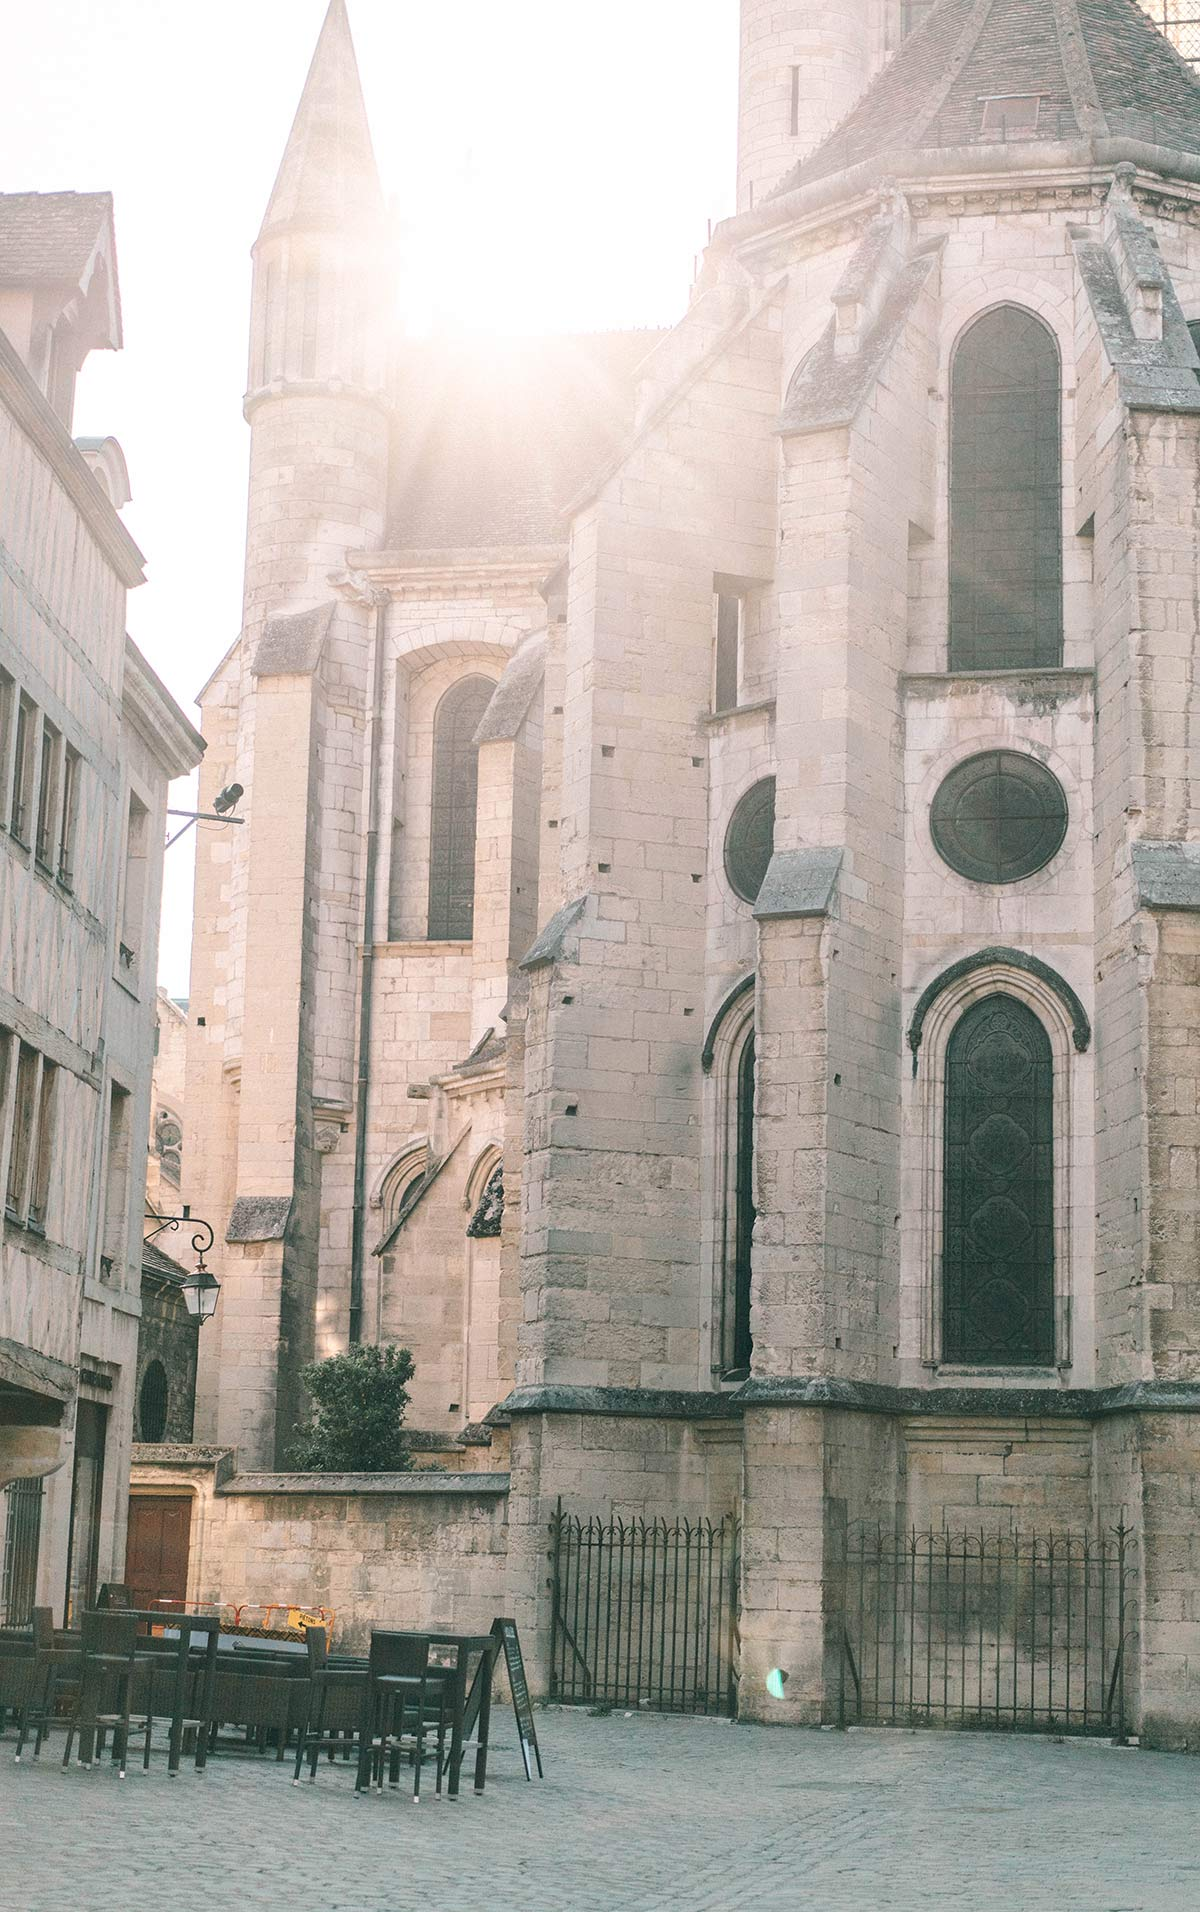 Stadtrundgang durch Dijon